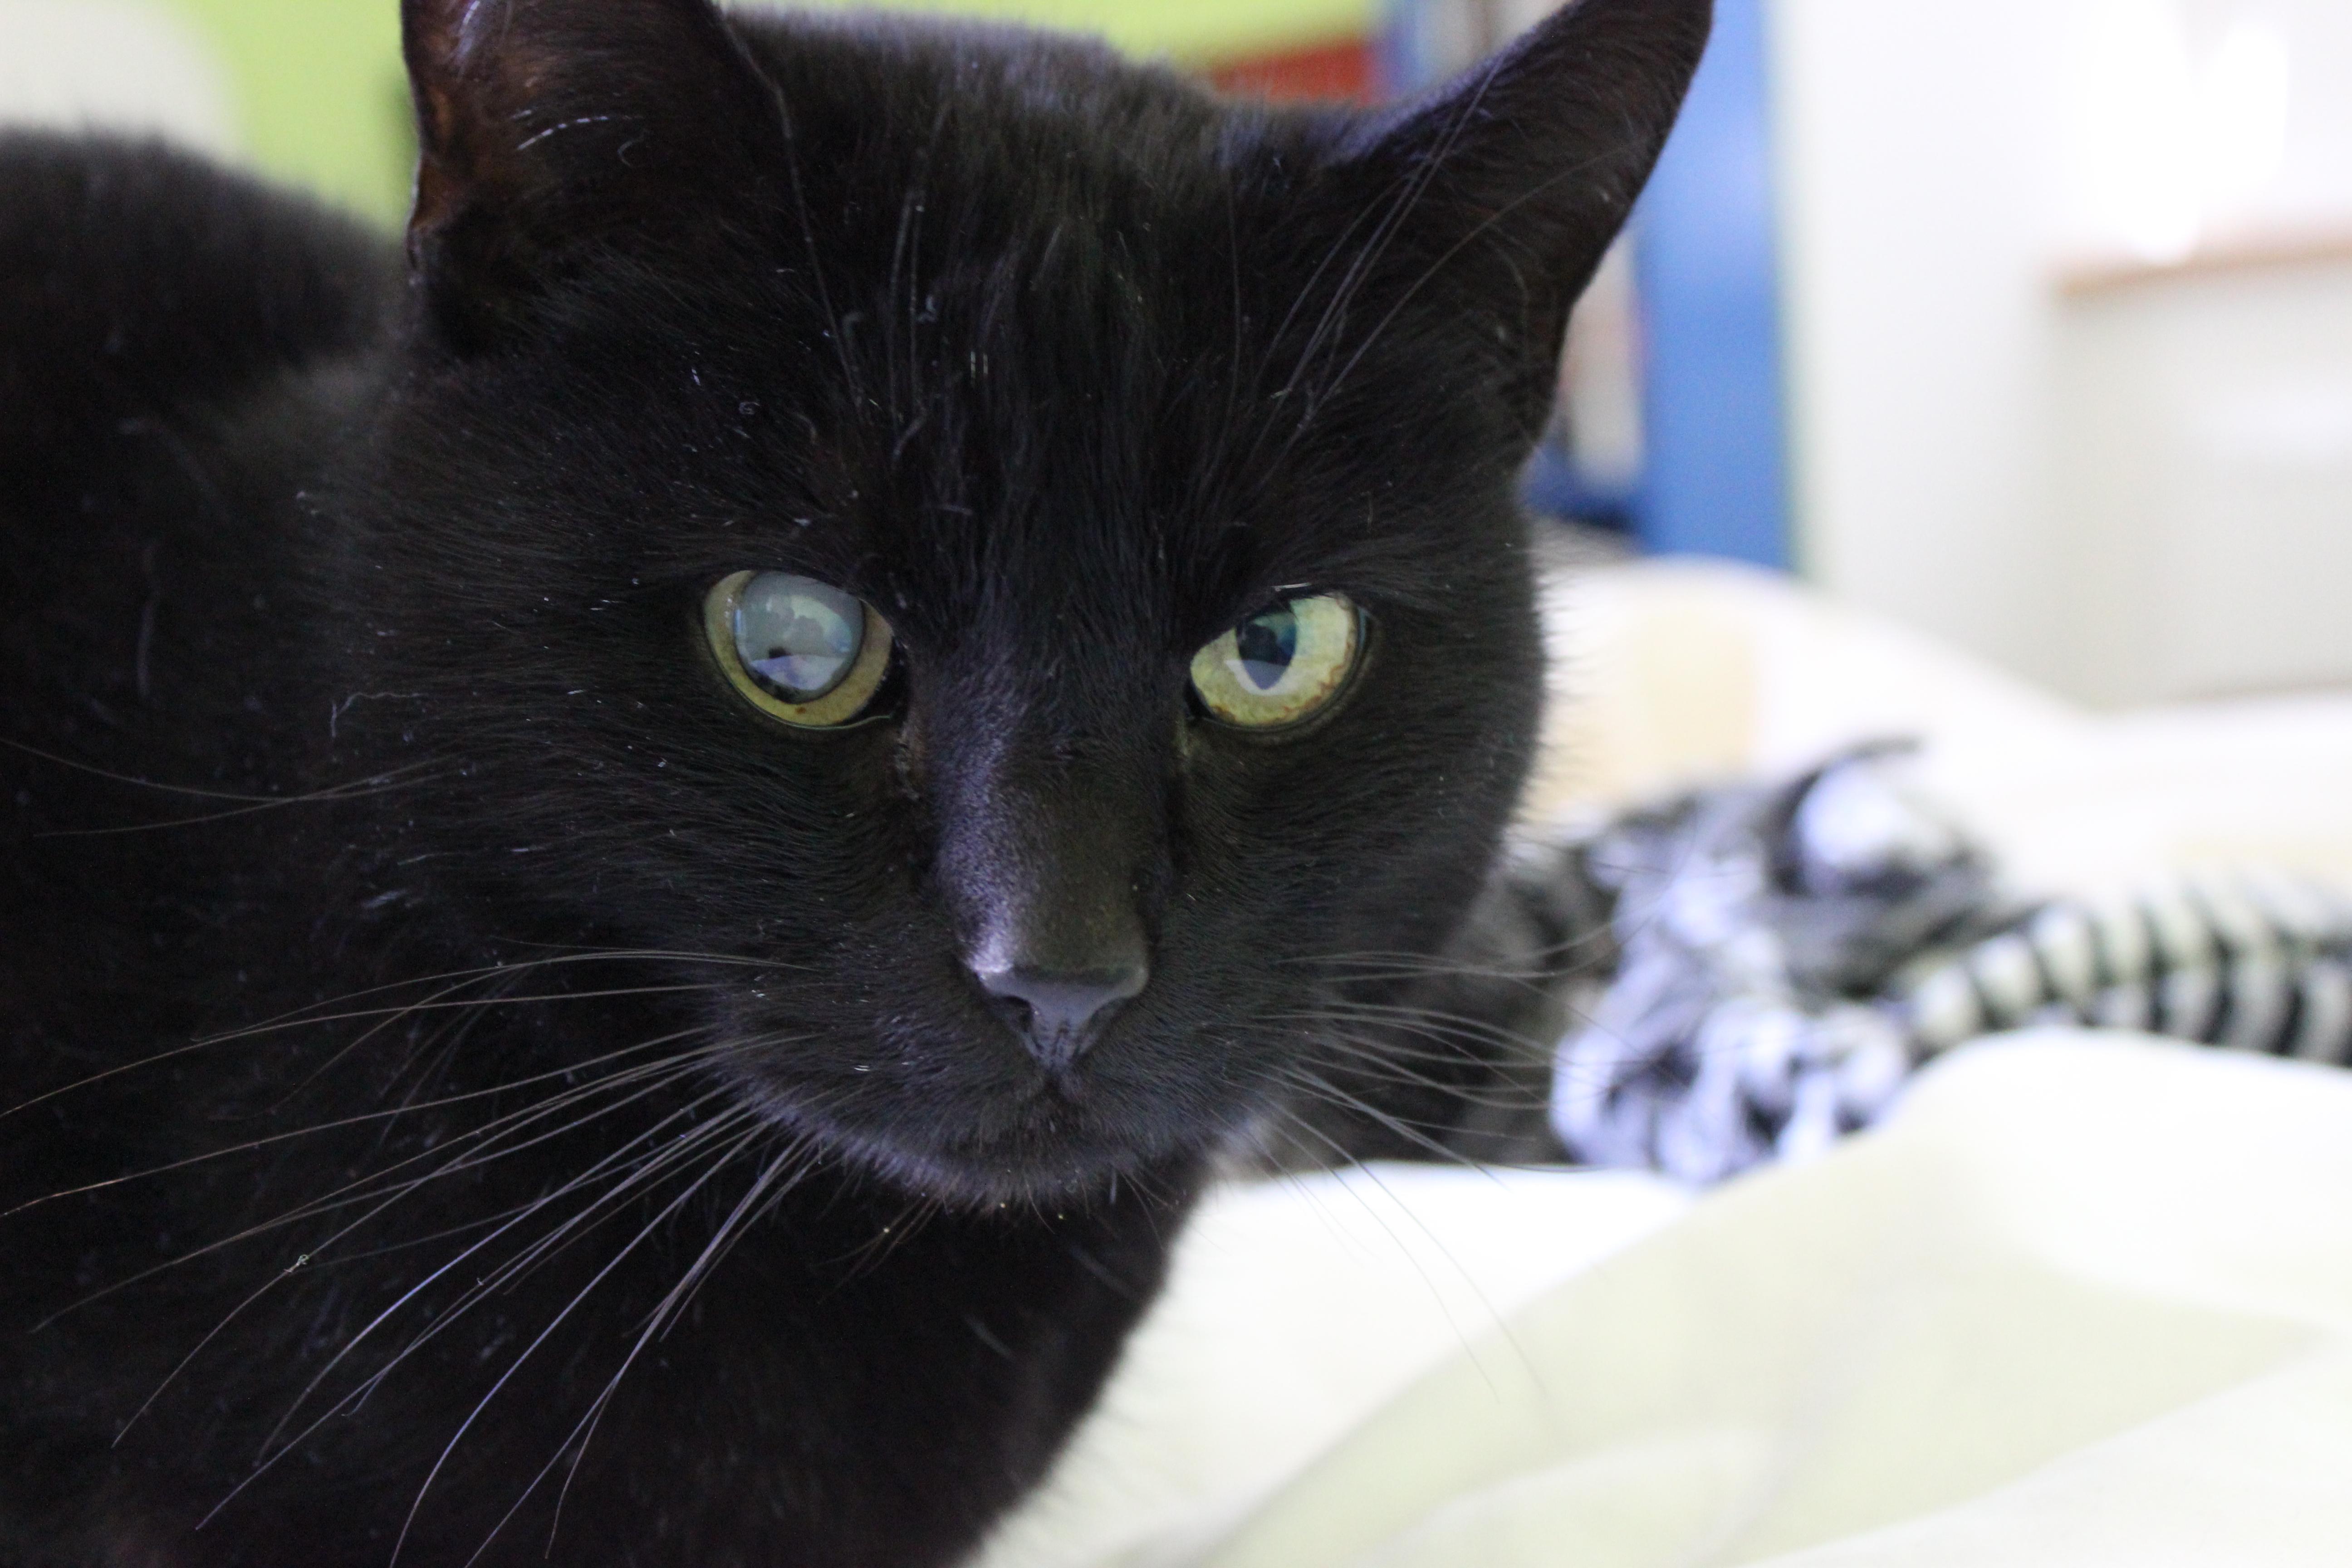 mon chat est mort sur le forum blabla 18 25 ans 19 04 2015 19 04 33. Black Bedroom Furniture Sets. Home Design Ideas